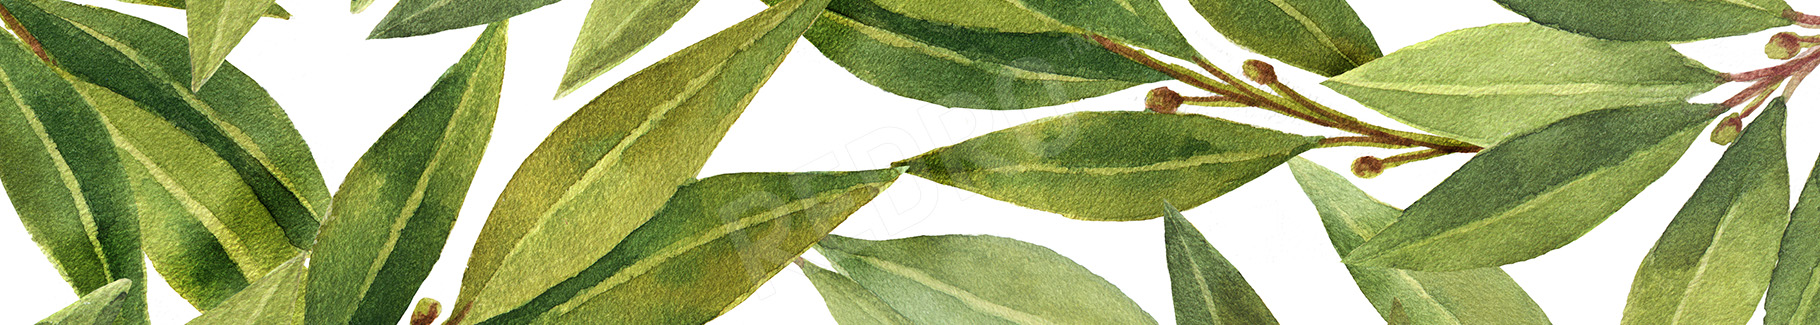 Obraz przyprawy - liście laurowe